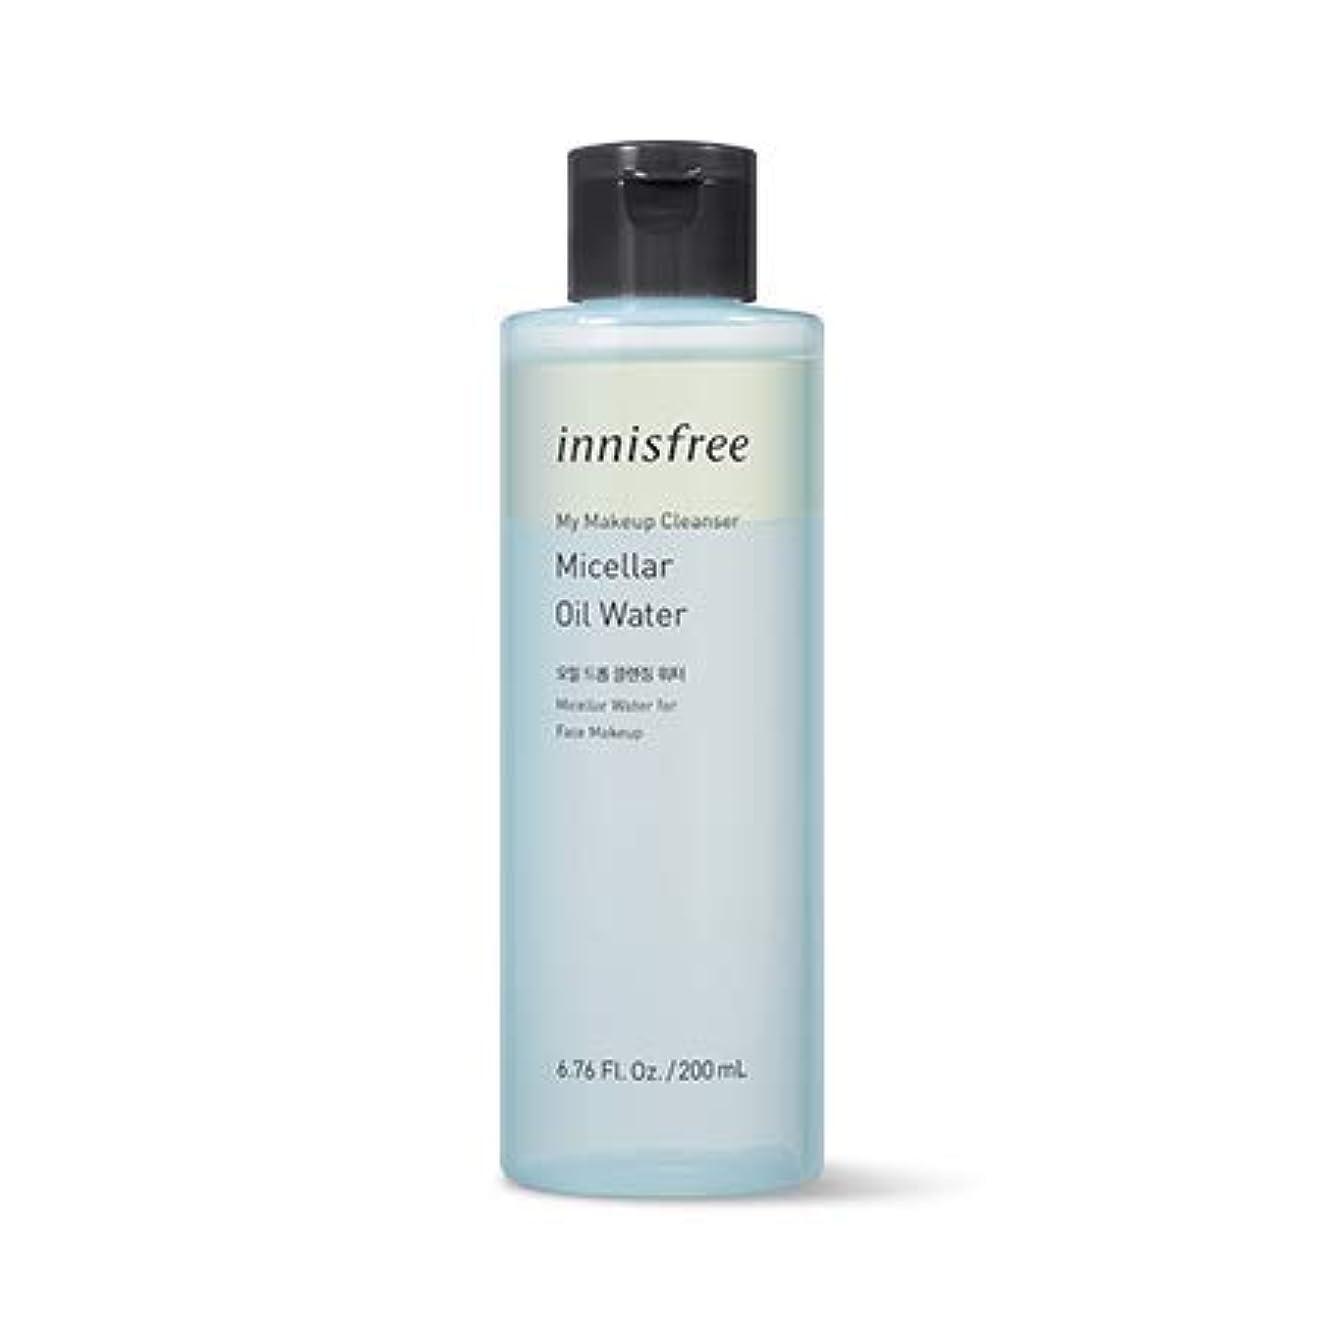 怒っている健全骨折【innisfree】マイメイククレンザー - ミシェルとオイルウォーター200mL My Makeup Cleanser - Micellar Oil Water